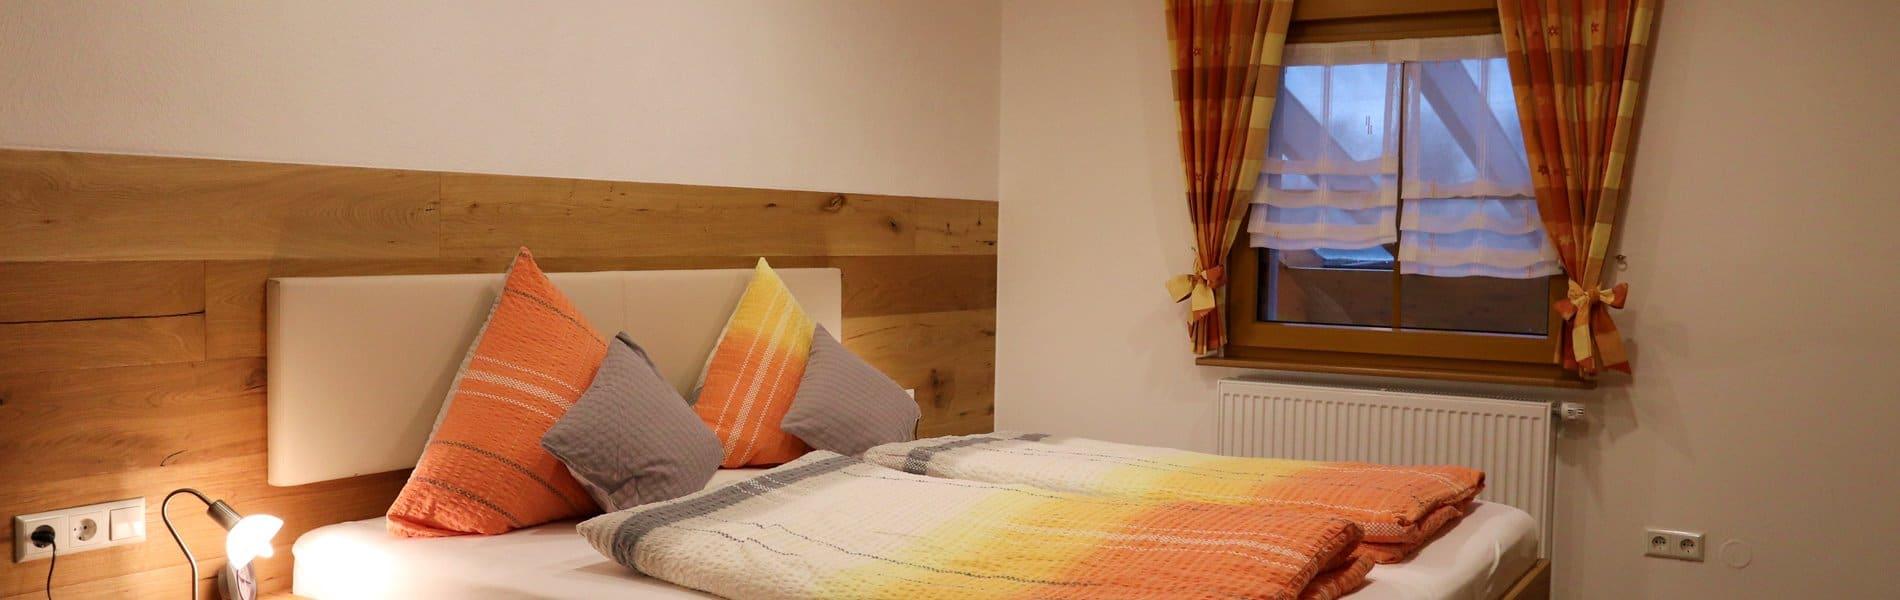 ferienwohnung-wiese-schlafzimmer